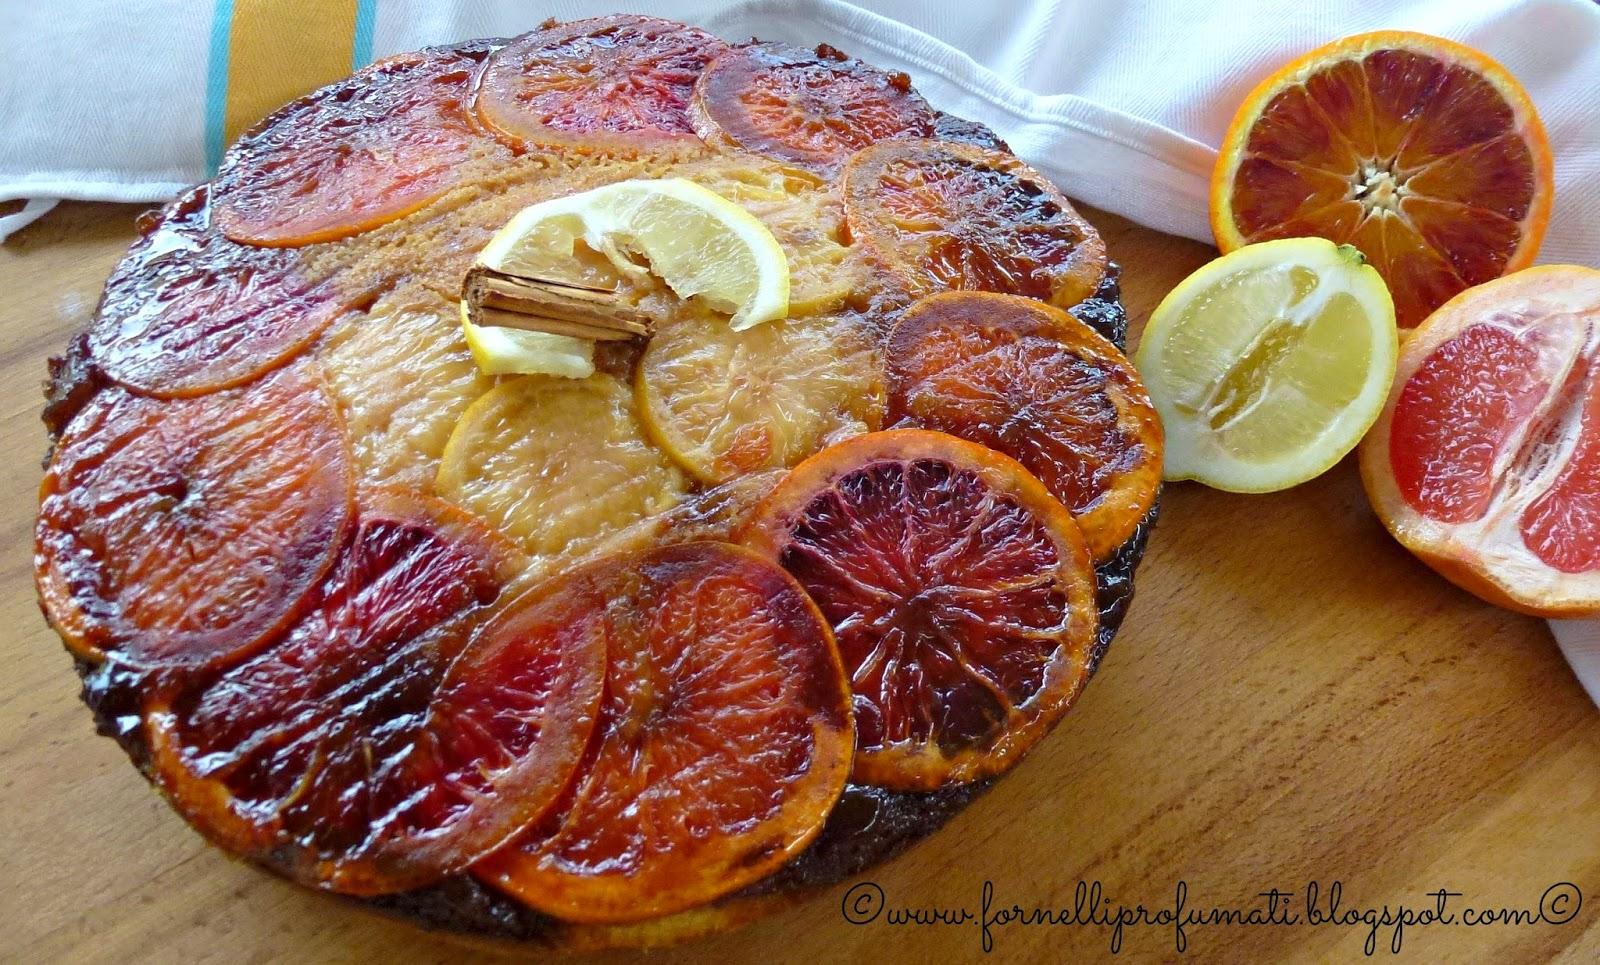 winter citrus upsidedown cake - torta rovesciata agli agrumi con pompelmo rosa, arancia rossa e limone.